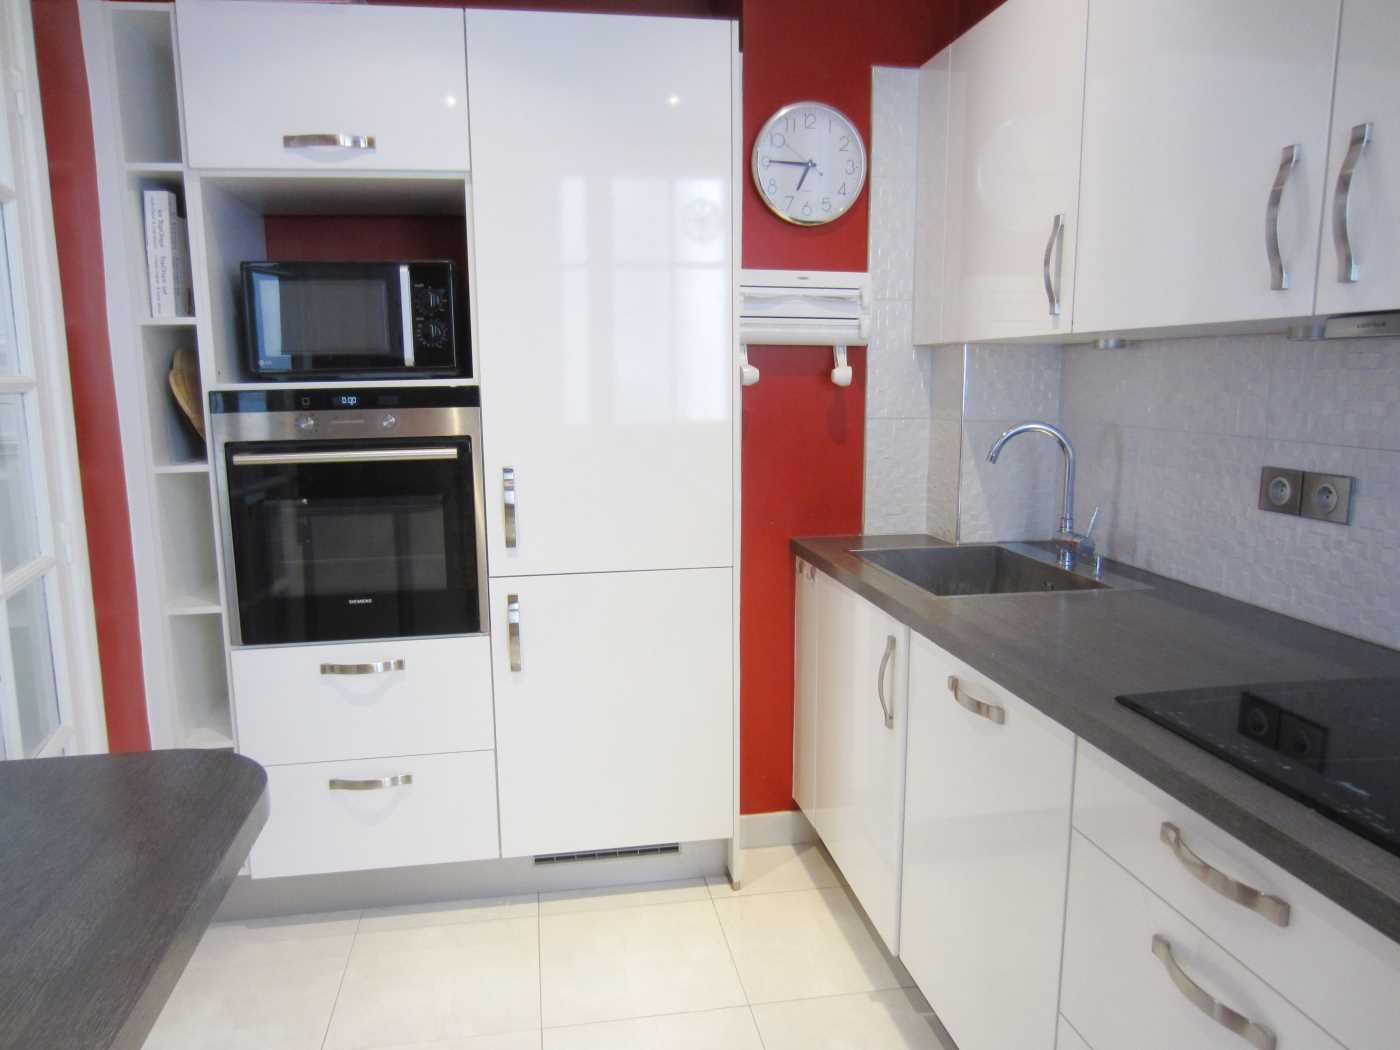 Location appartement meubl paris cattalan johnson - Location meuble paris e arrondissement ...